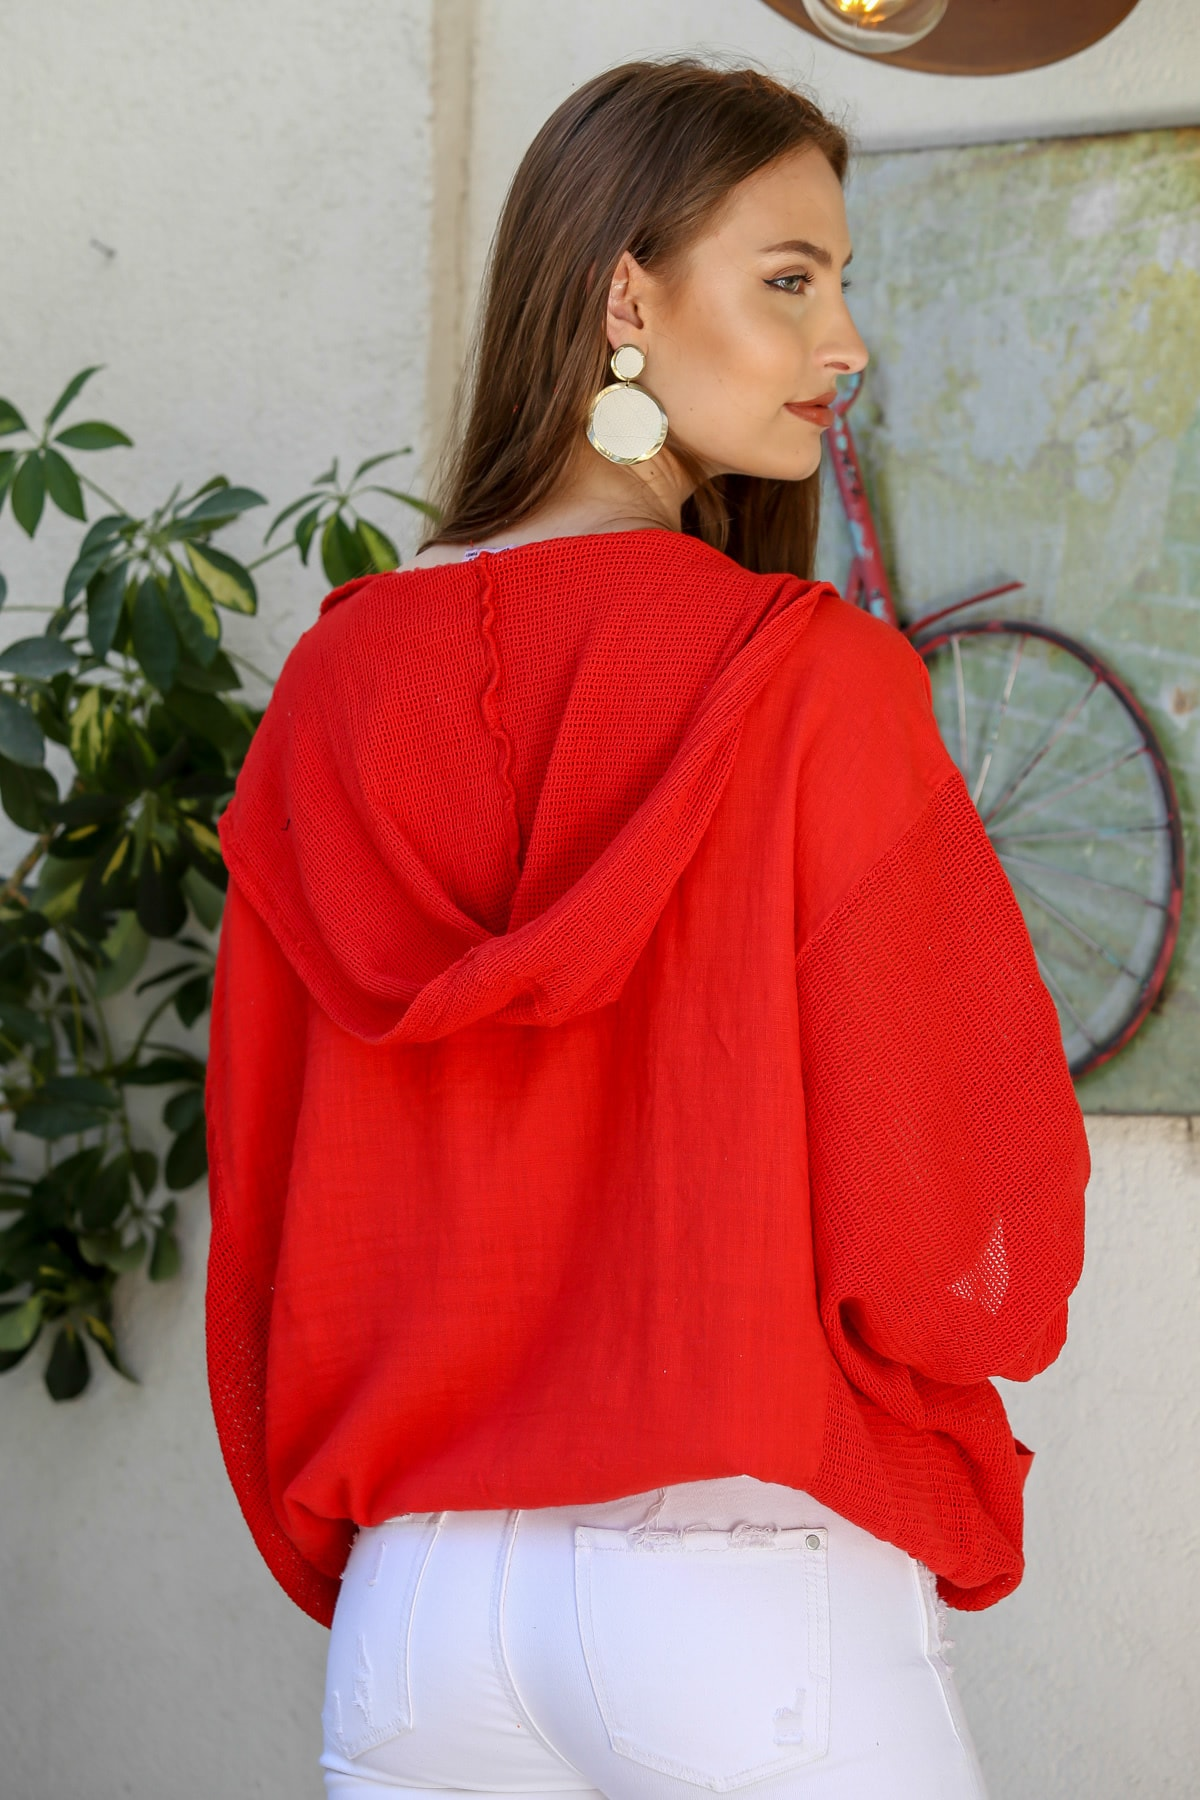 Chiccy Kadın Kırmızı Kapüşon Ve Kolları File Detaylı Cepli Beli İp Büzgülü Yıkamalı Ceket M10210100CE99014